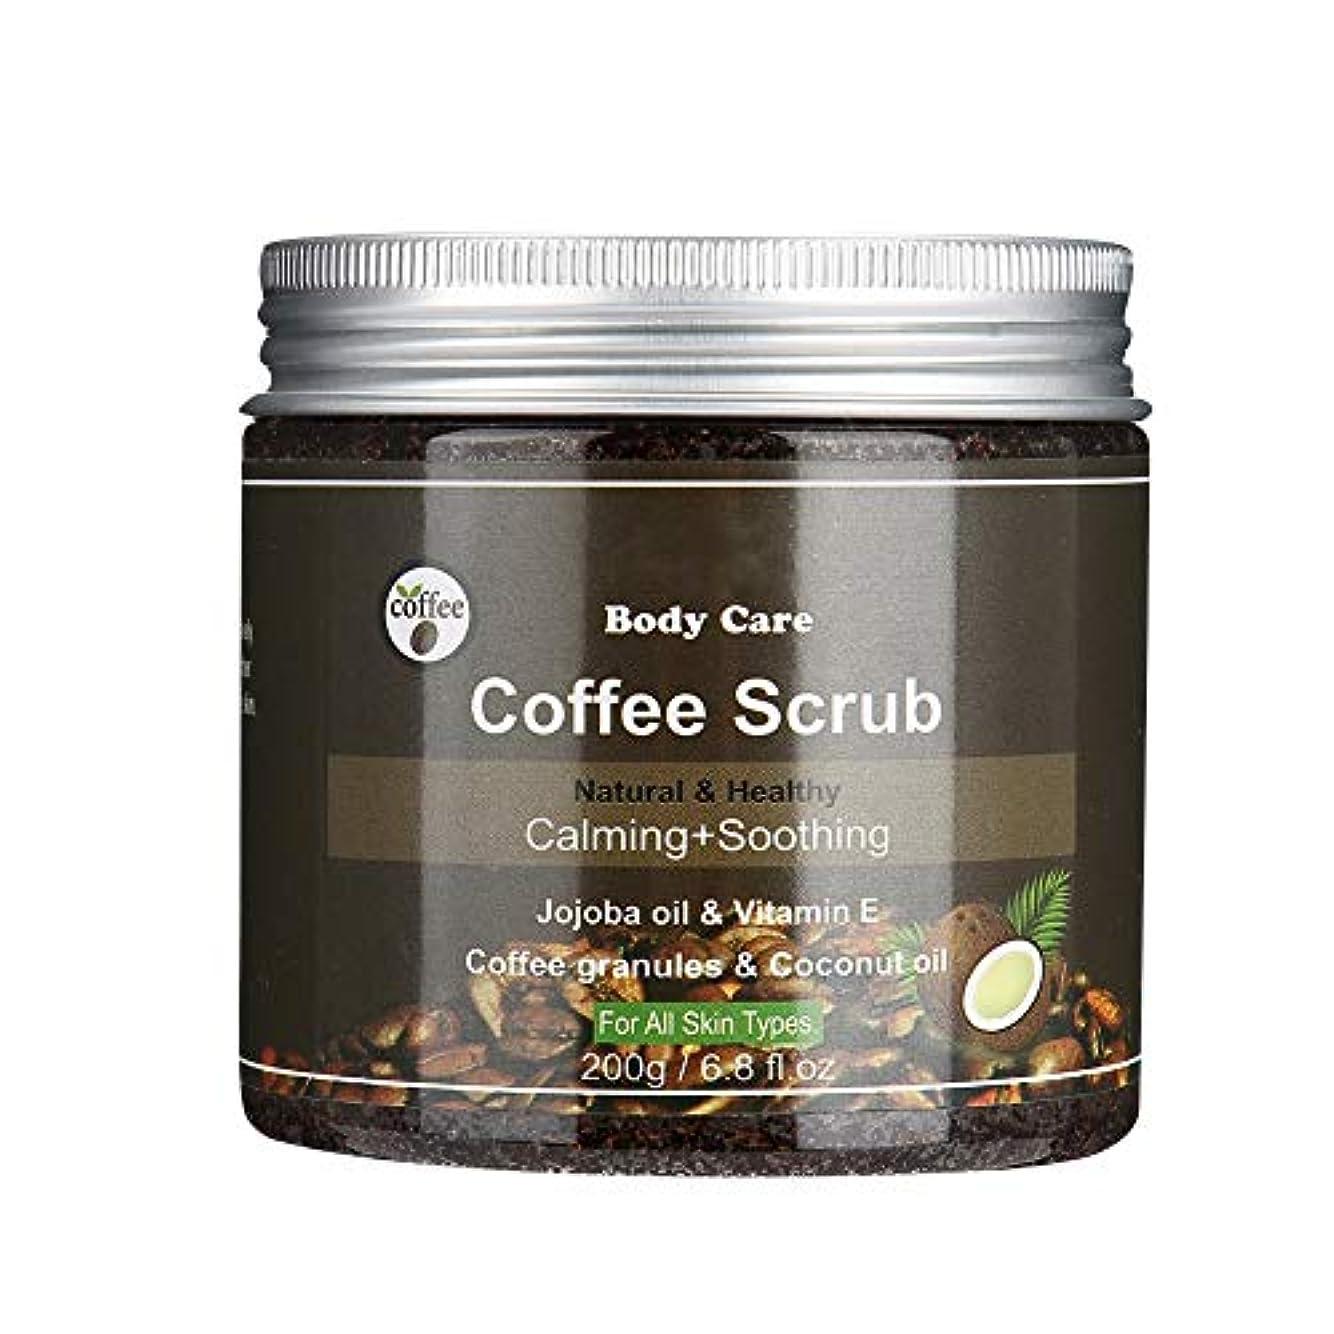 コーヒー蚊勘違いするボディスクラブクリーム、ボディエクスフォリエイティングクリームは、あなたの肌を美しくそして時代を超越した状態に保つのを助けるために活性化栄養素と酸化防止剤を提供します